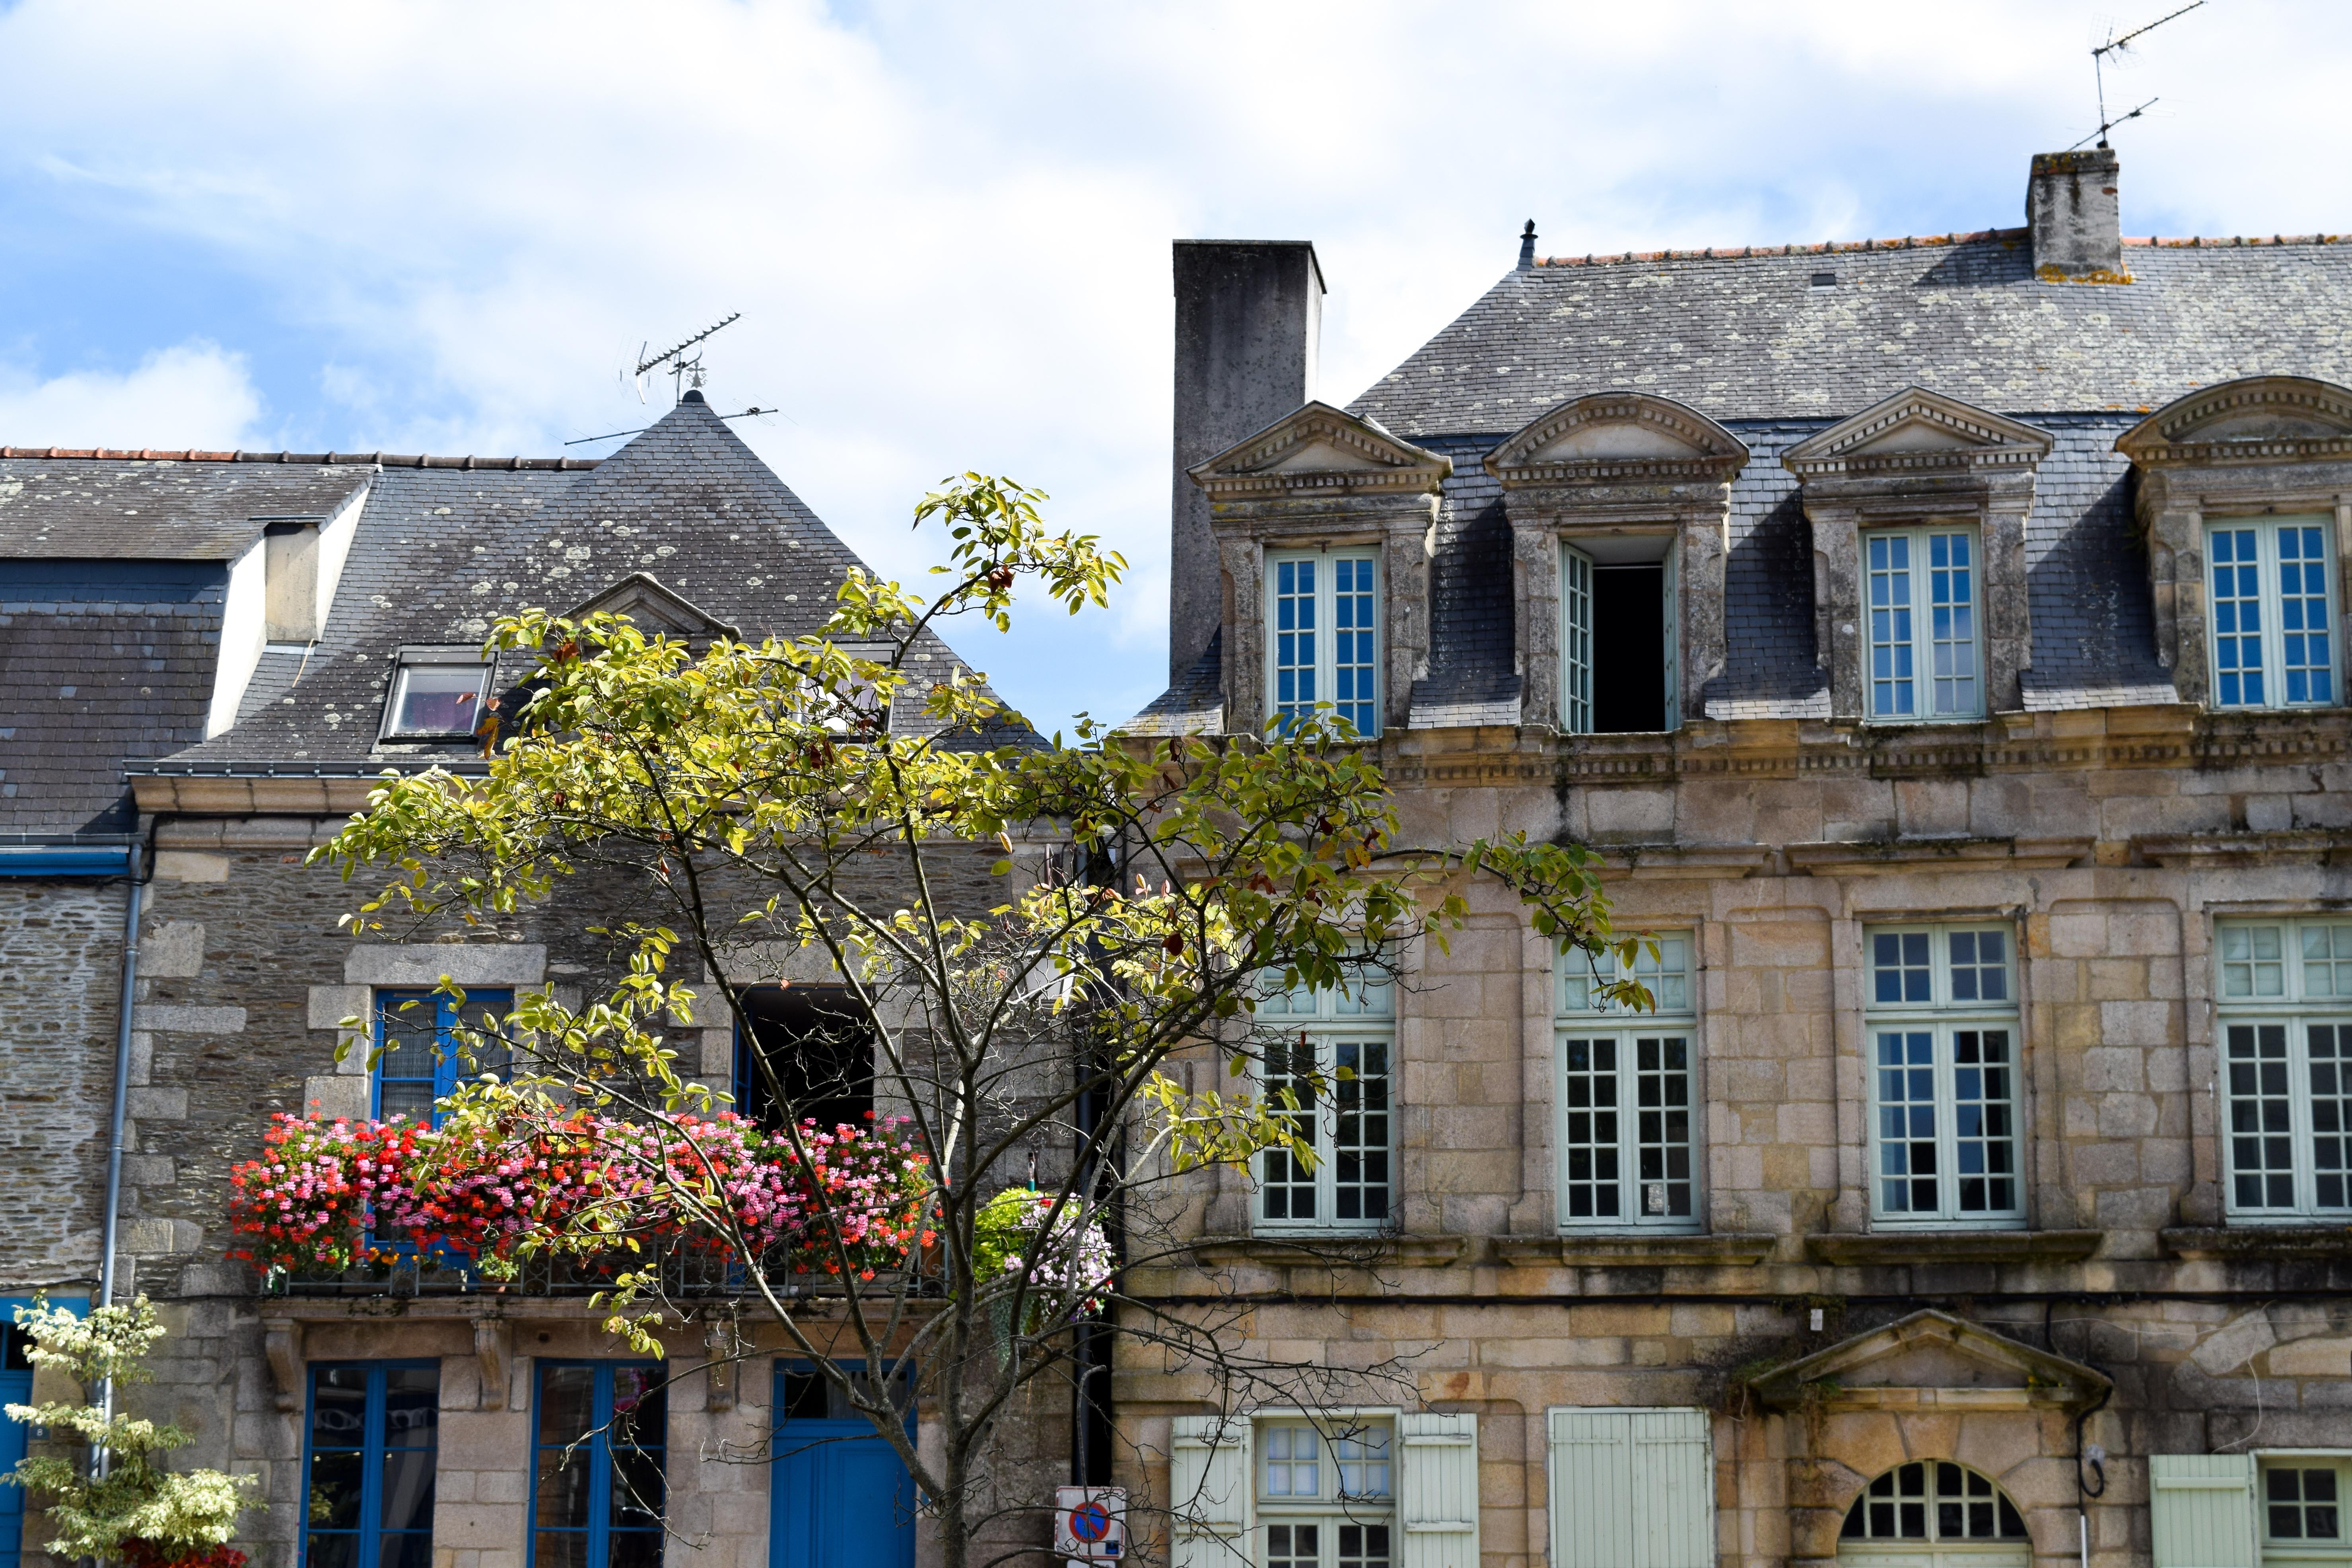 Rooftops in Josselin, Brittany